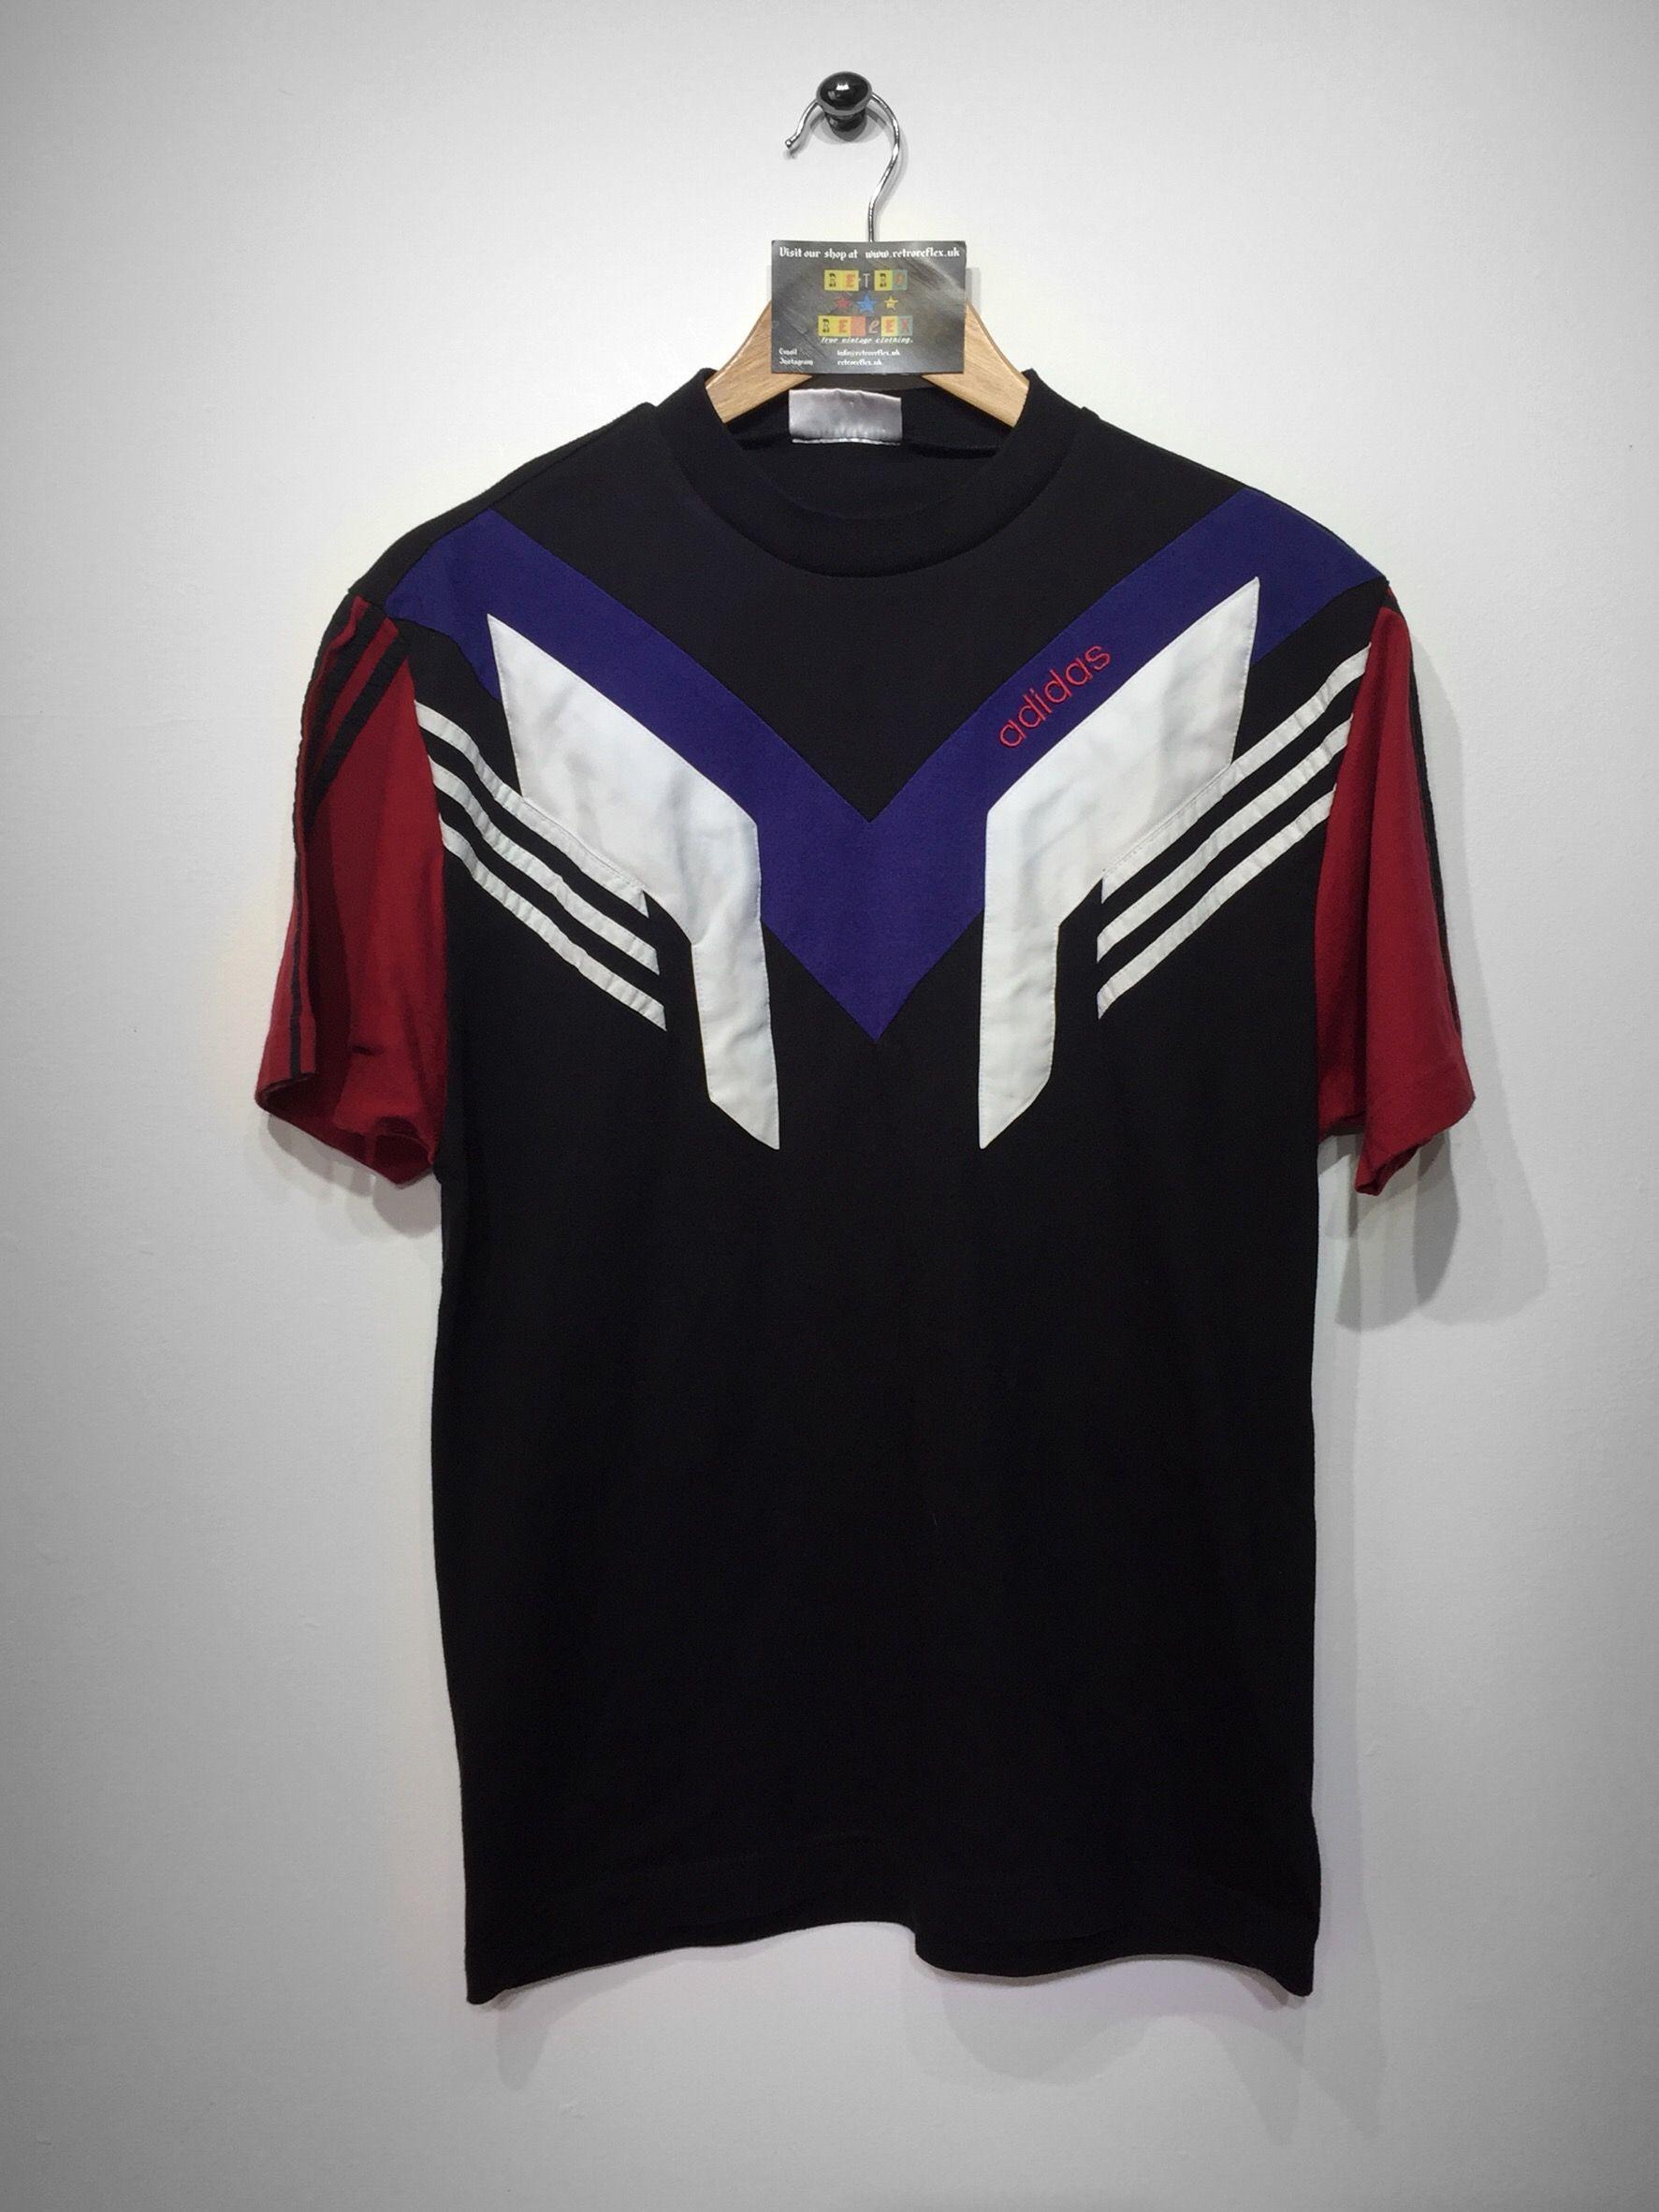 Adidas T-Shirt size X Small £28 Website➡ www.retroreflex.uk  vintage   adidas  oldschool  truevintage  fashion  style 124a72b60